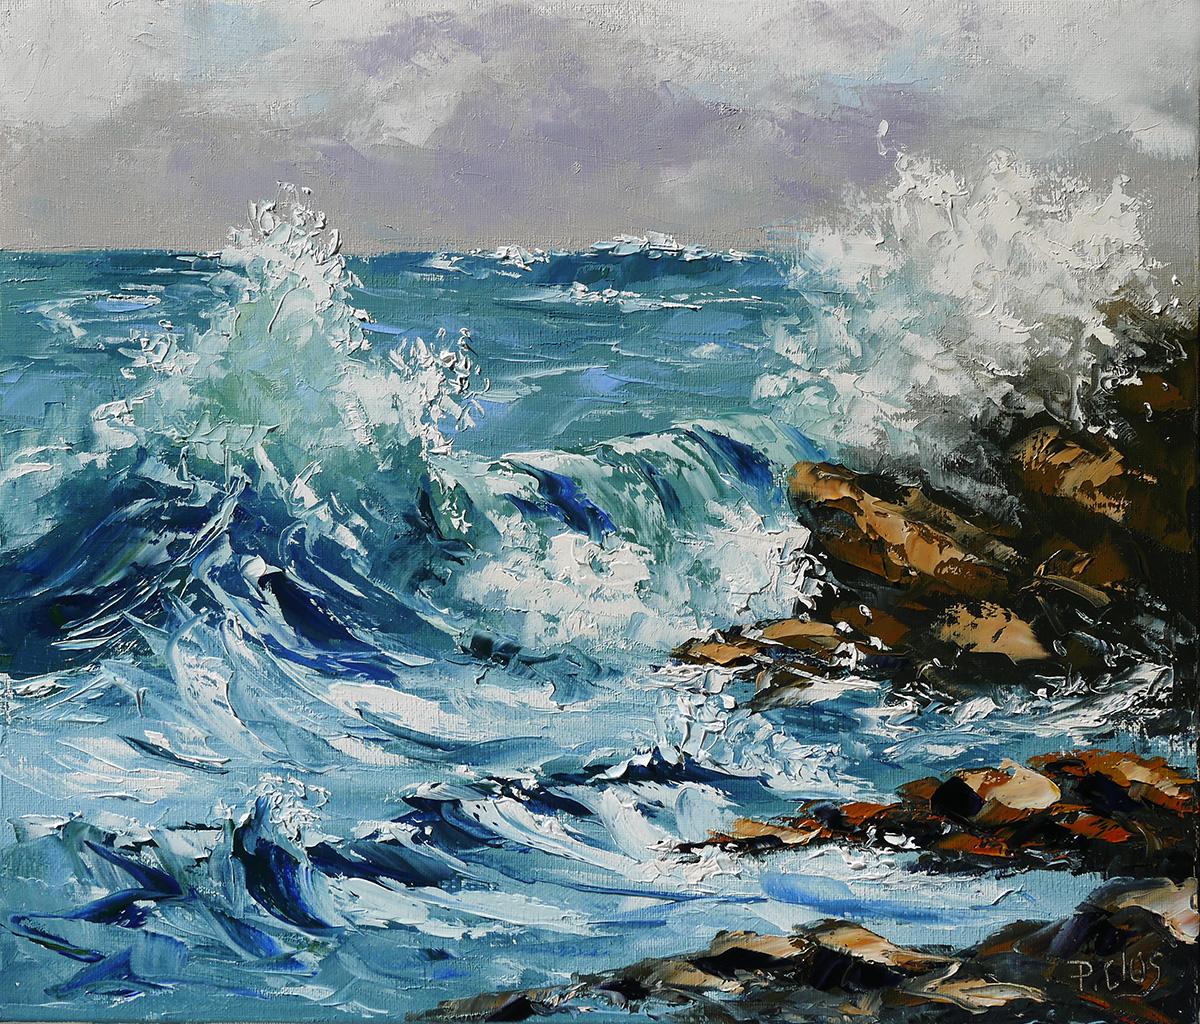 Très bien Dessin et peinture - vidéo 1833 : La mer houleuse - peinture à l #WF_38